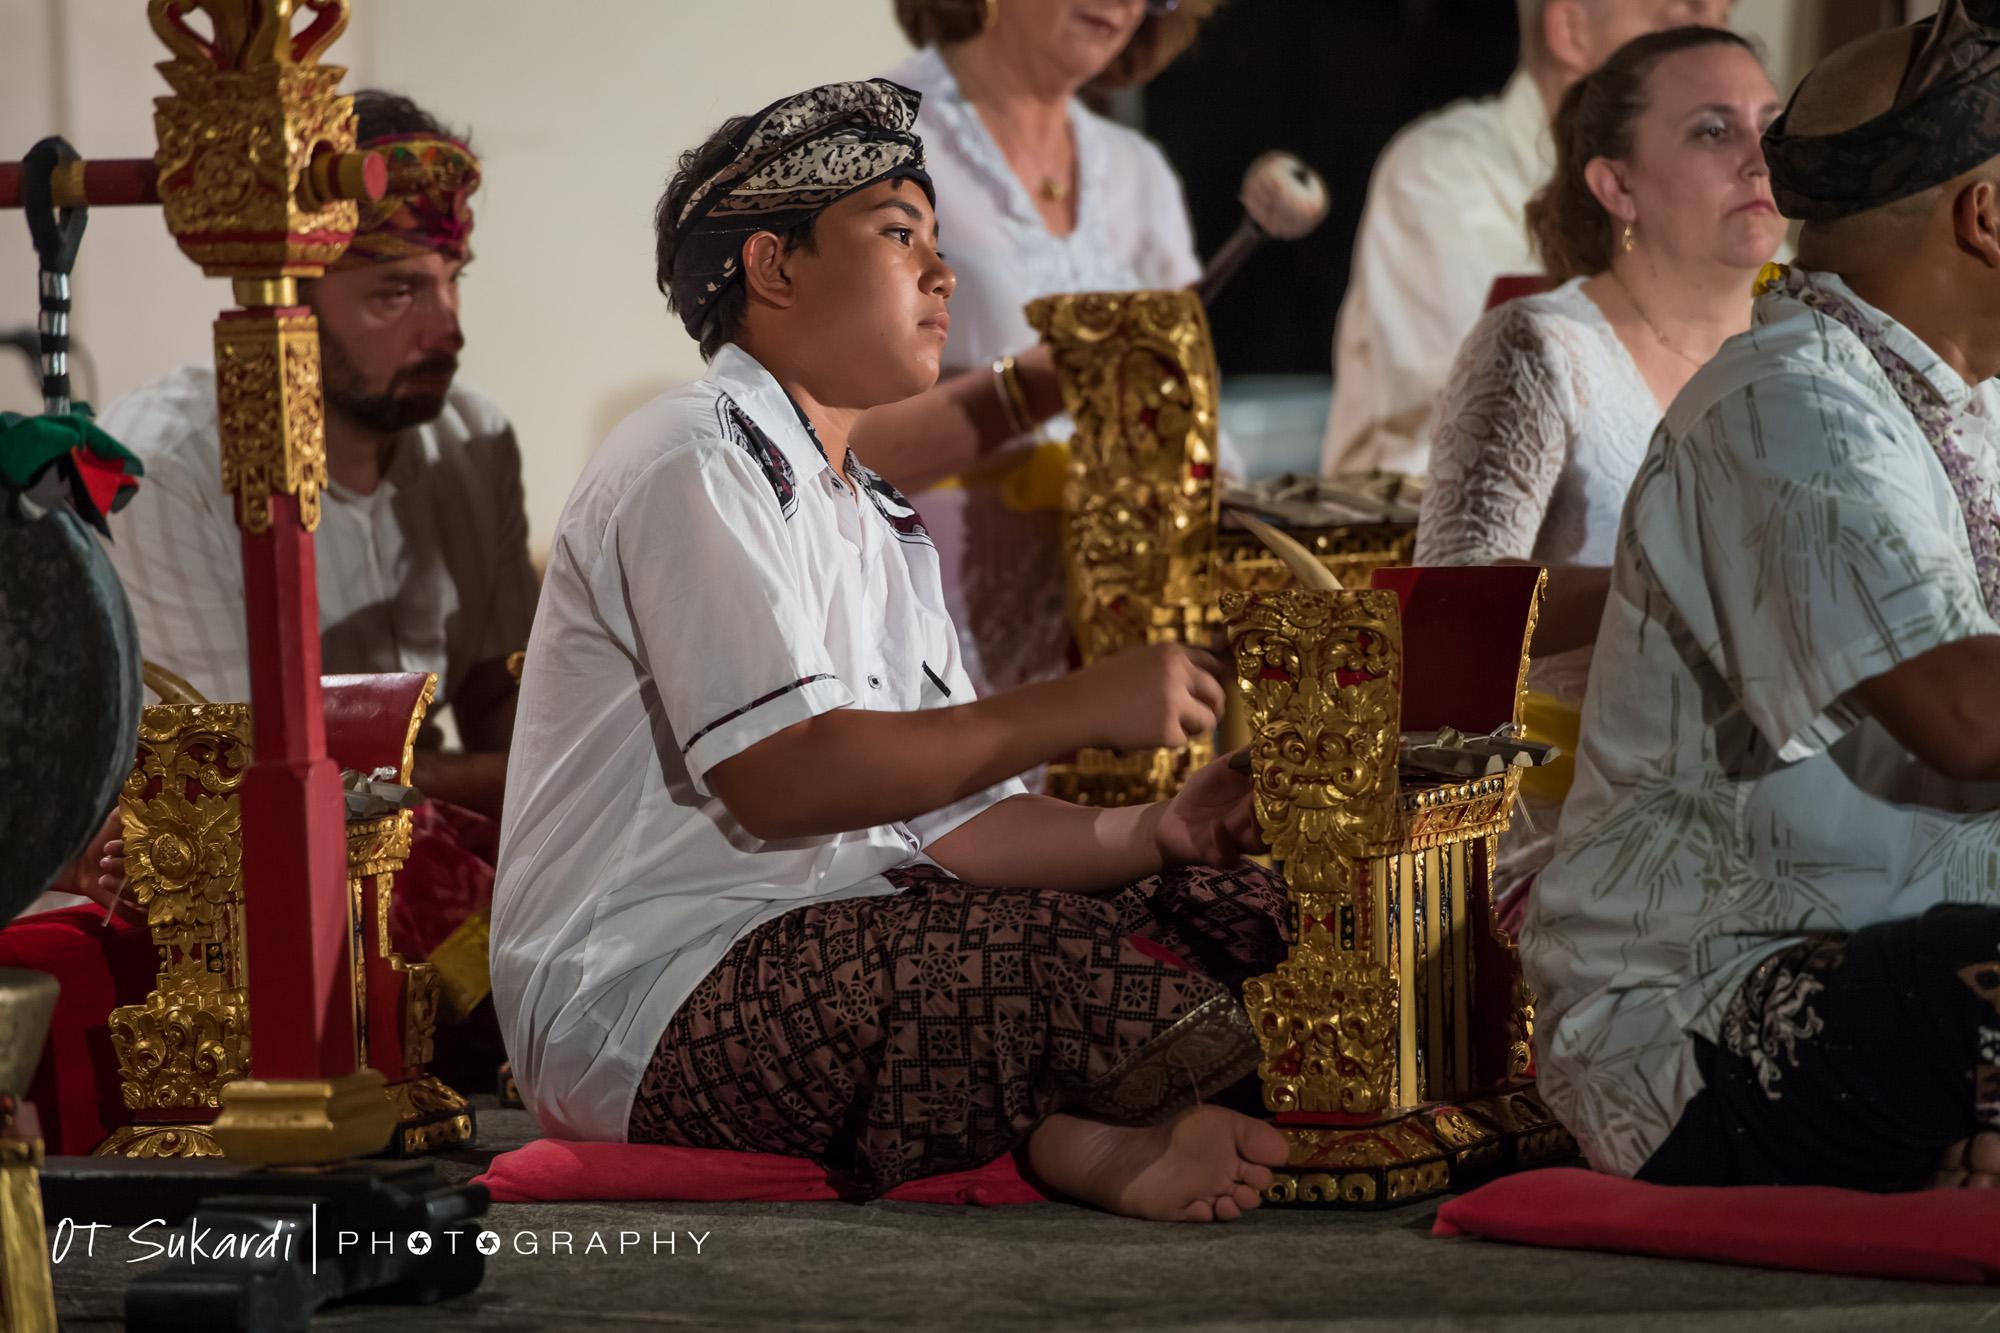 close up of boy playing gamelan piece